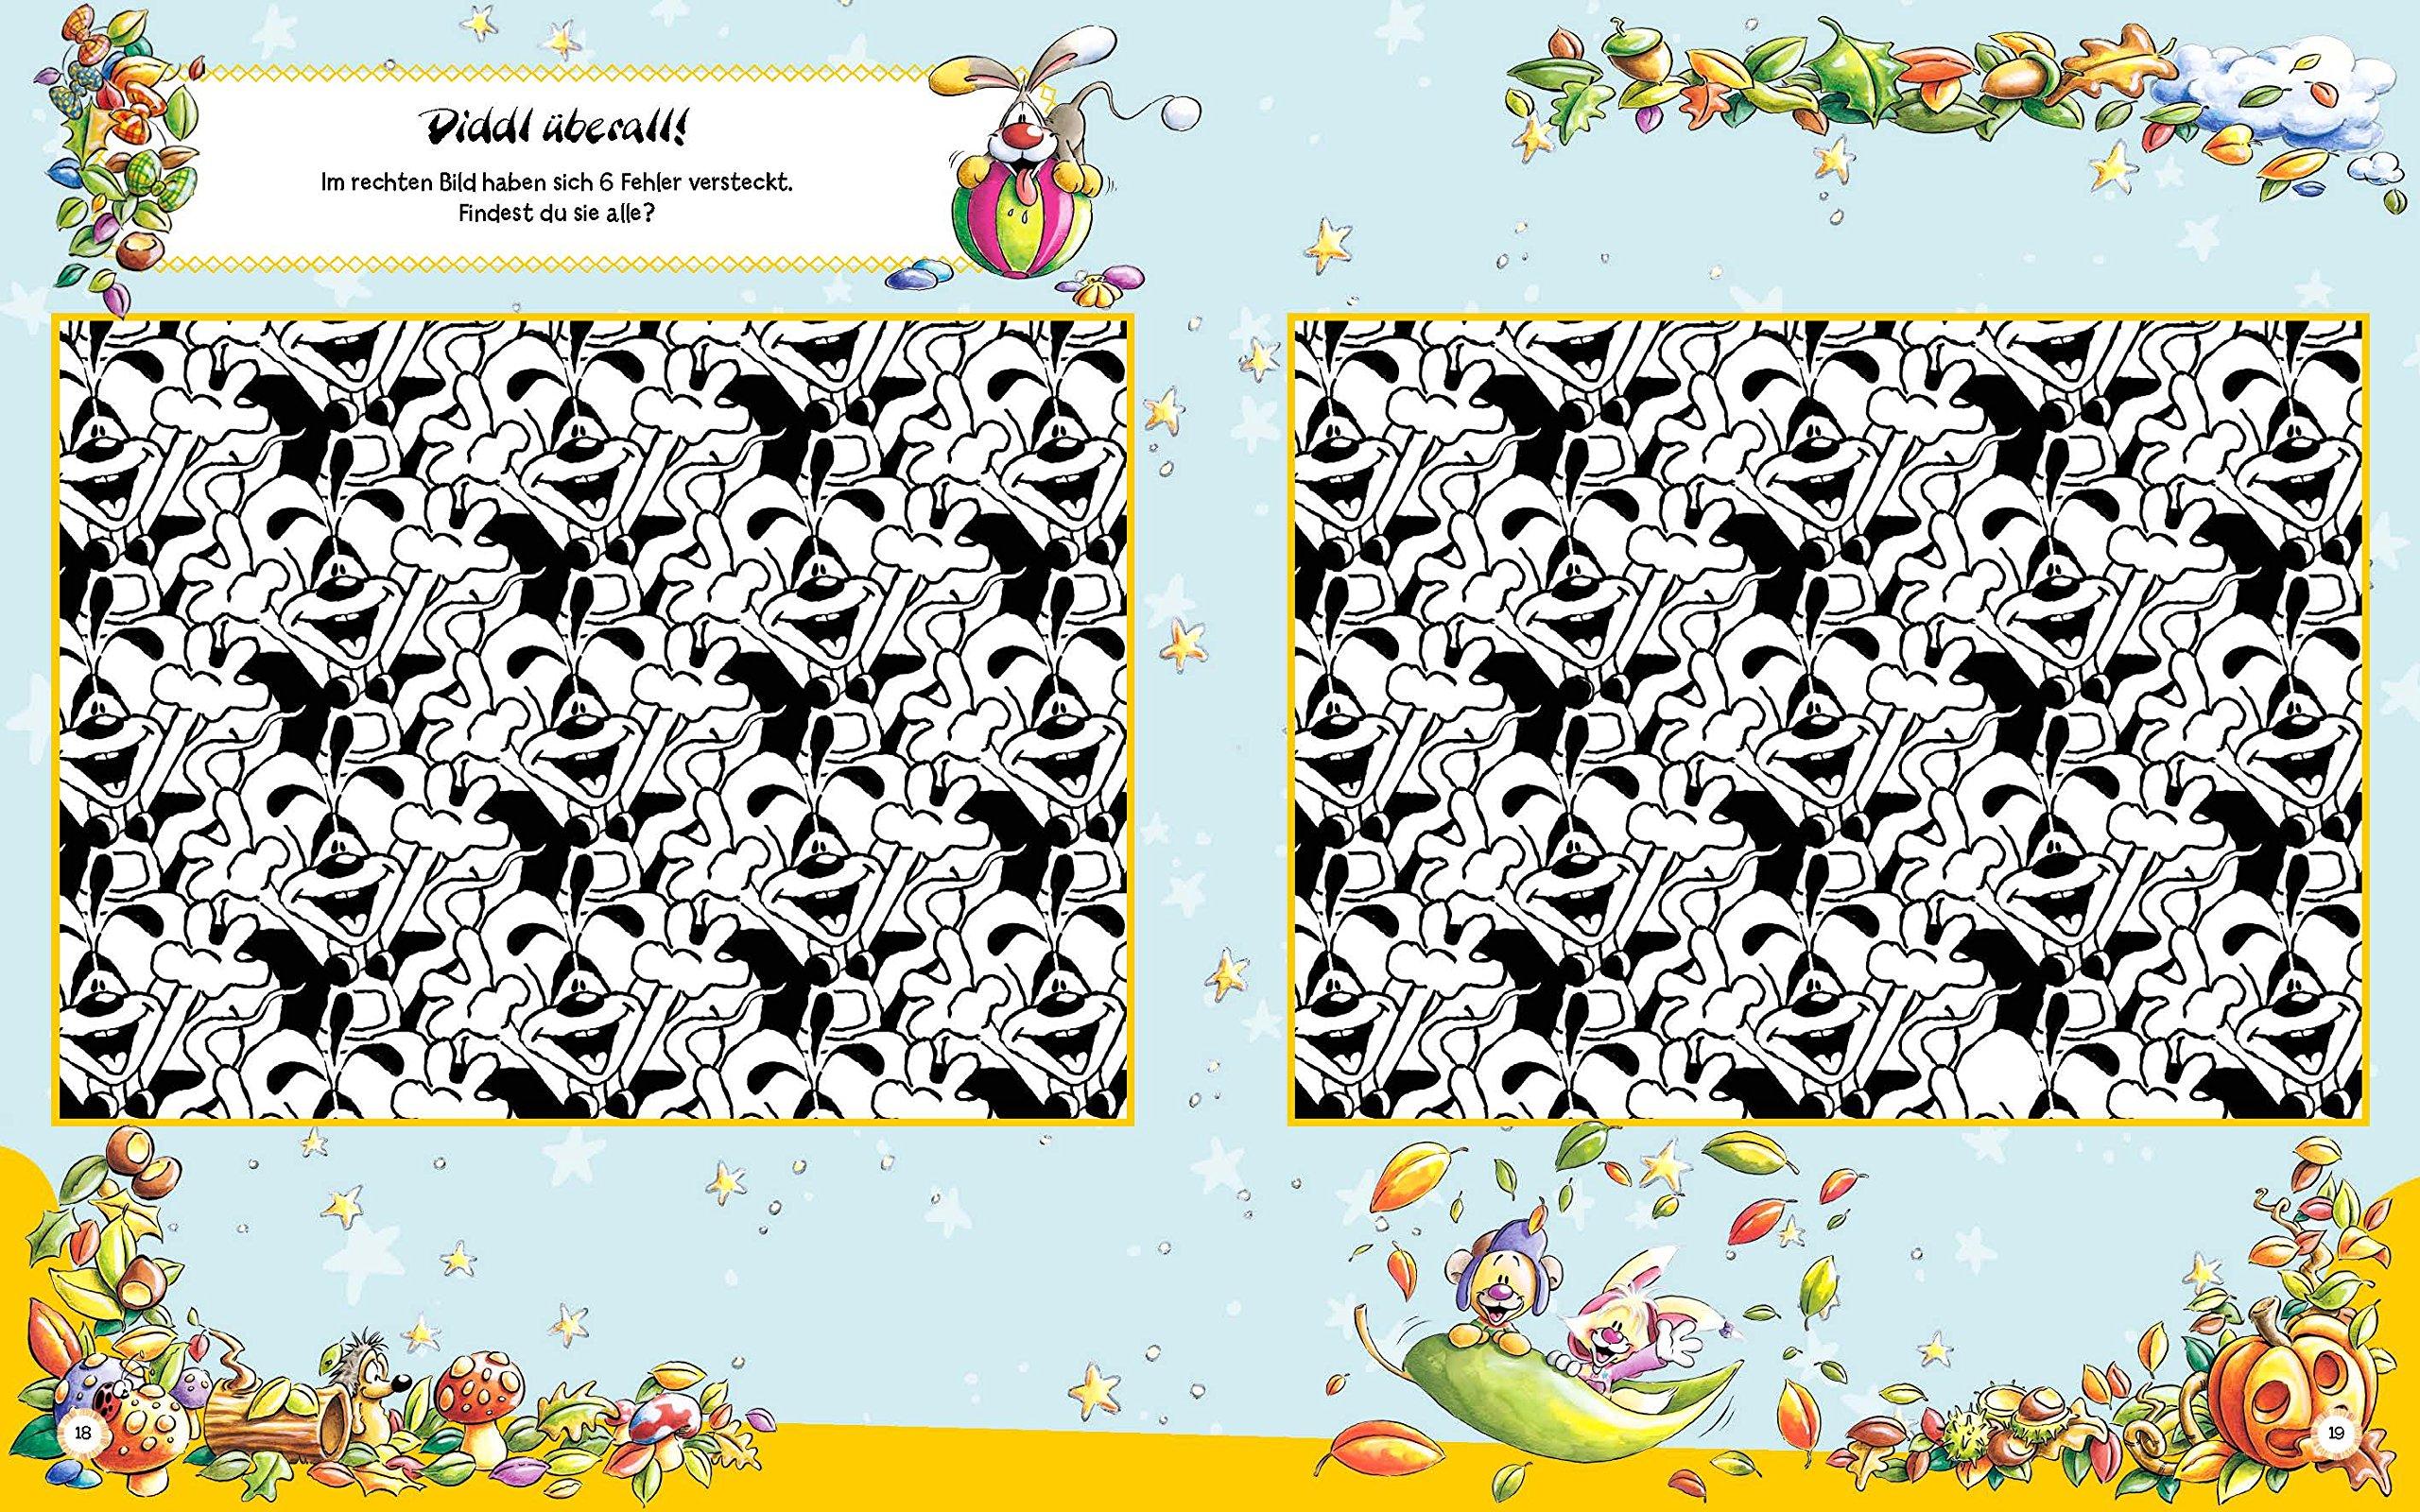 Galupy 1 Gratis Malvorlage In Comic Trickfilmfiguren: Pimboli Und Mimihopps Ausmalbilder